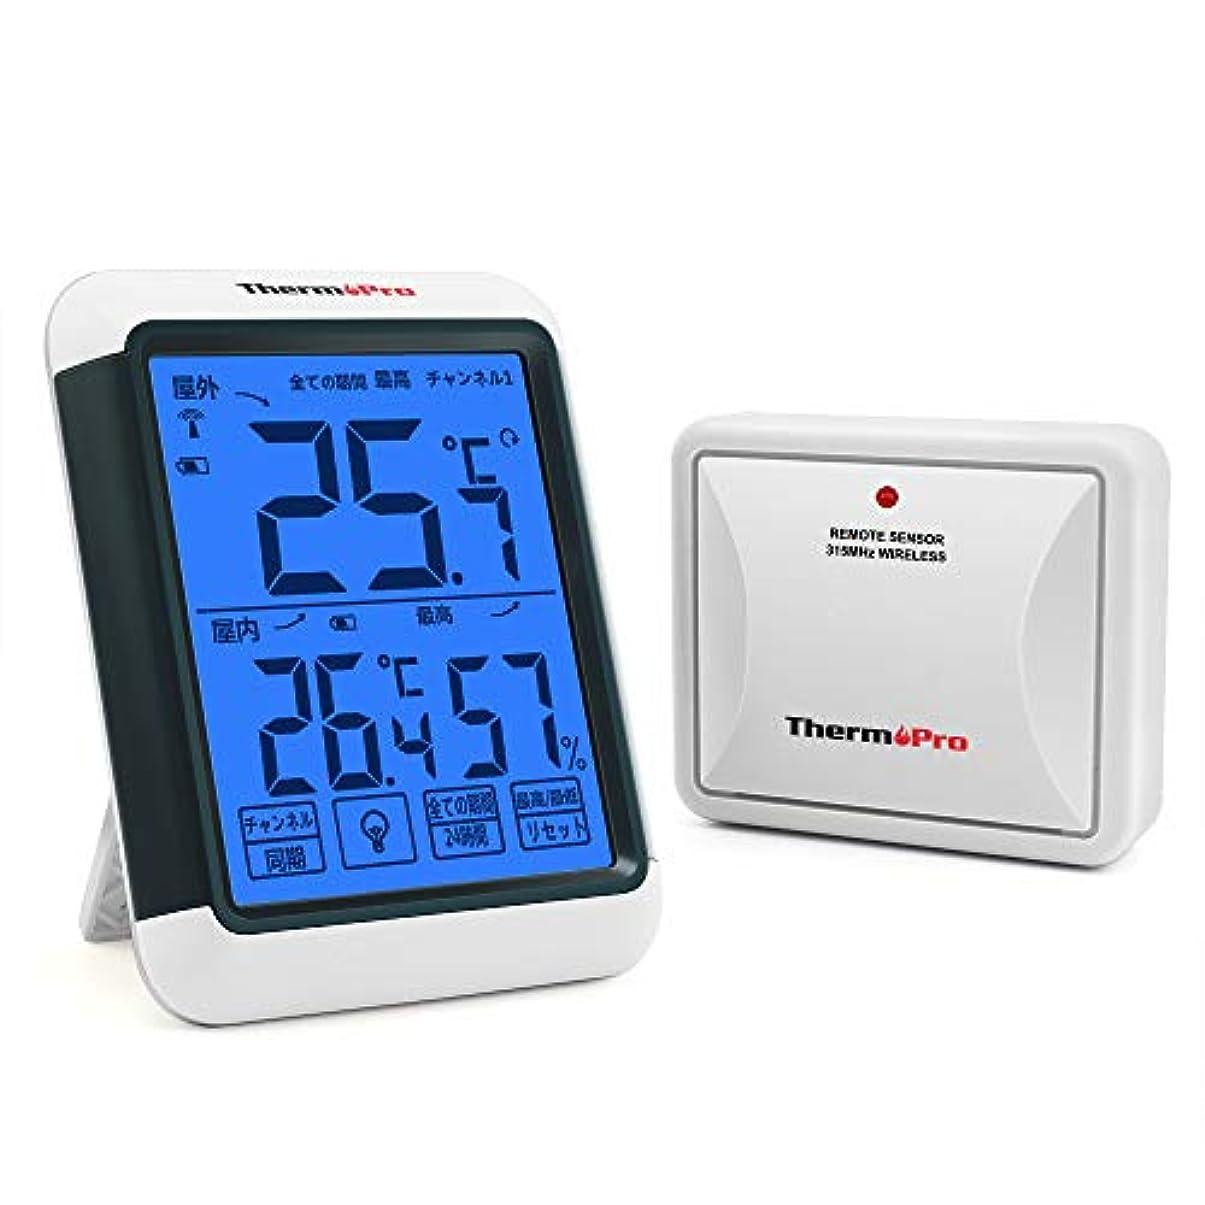 クローゼットきらめきファームThermoPro湿度計 コードレス温湿度計室内 室外温度計最高最低温湿度値表示 高精度 LCD大液晶画面 バックライト機能付きTP65